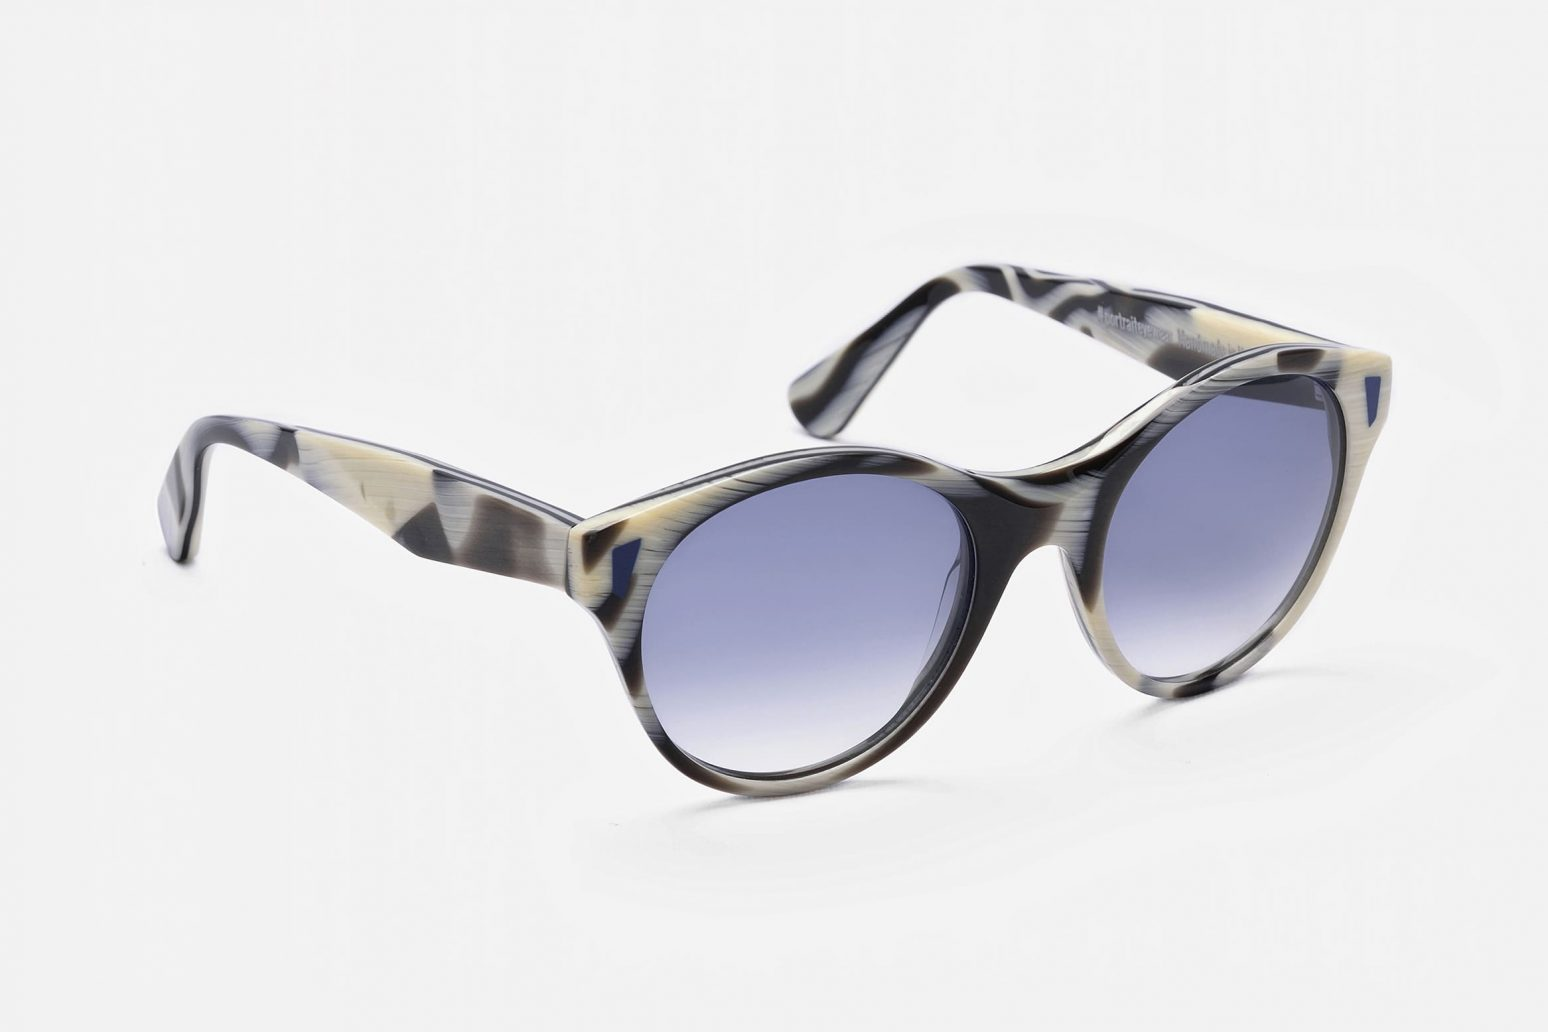 Gafas con estilo de sol y graduado POTRAIT EYEWEAR-Óptica Gran Vía Barcelona